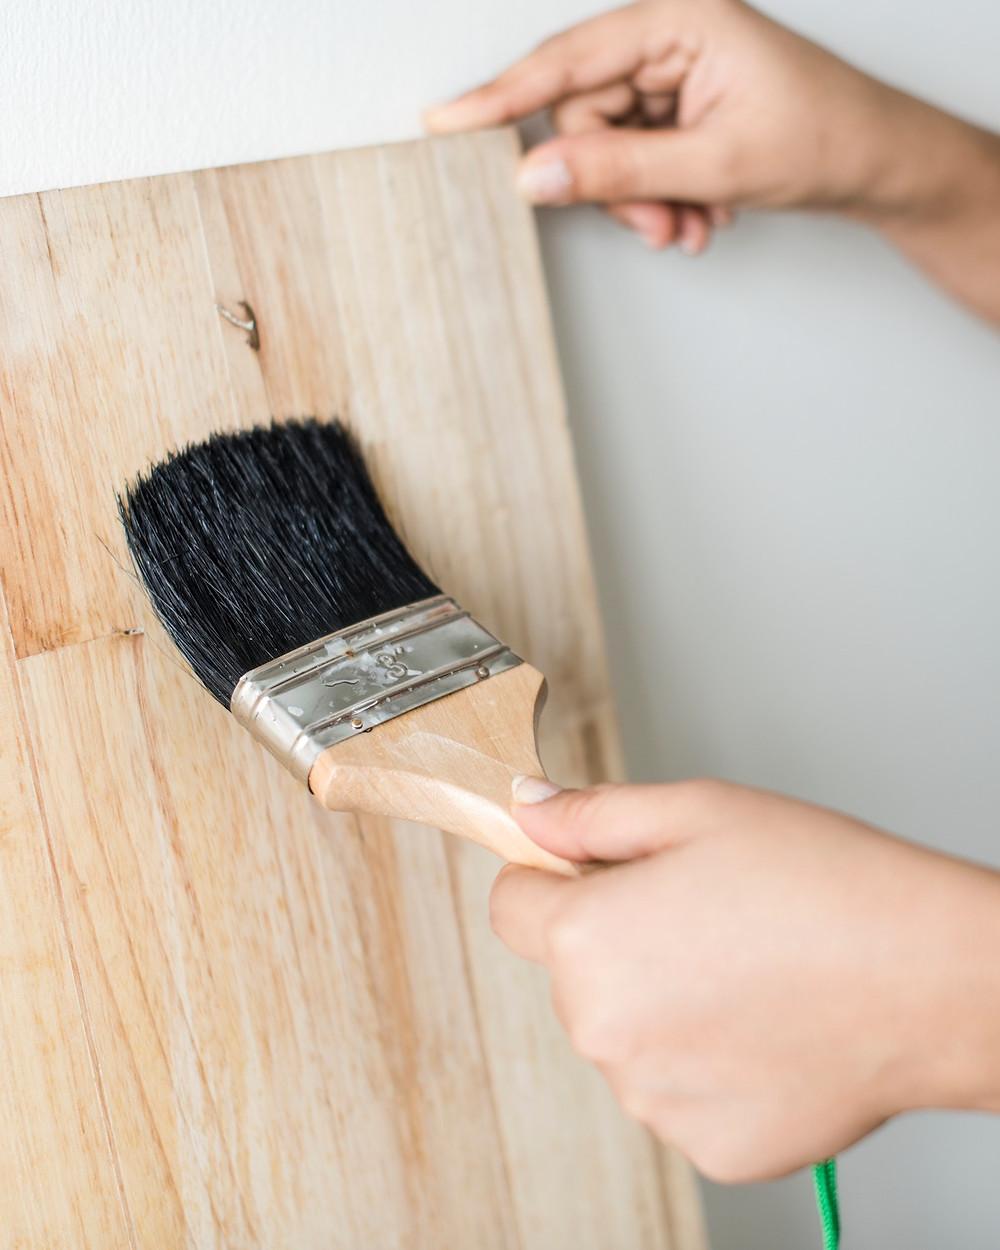 decoração sustentável, decoração de interiores sustentável, decoração sustentável dicas, design sustentável, eco-friendly, decorar a casa, casa, rima design